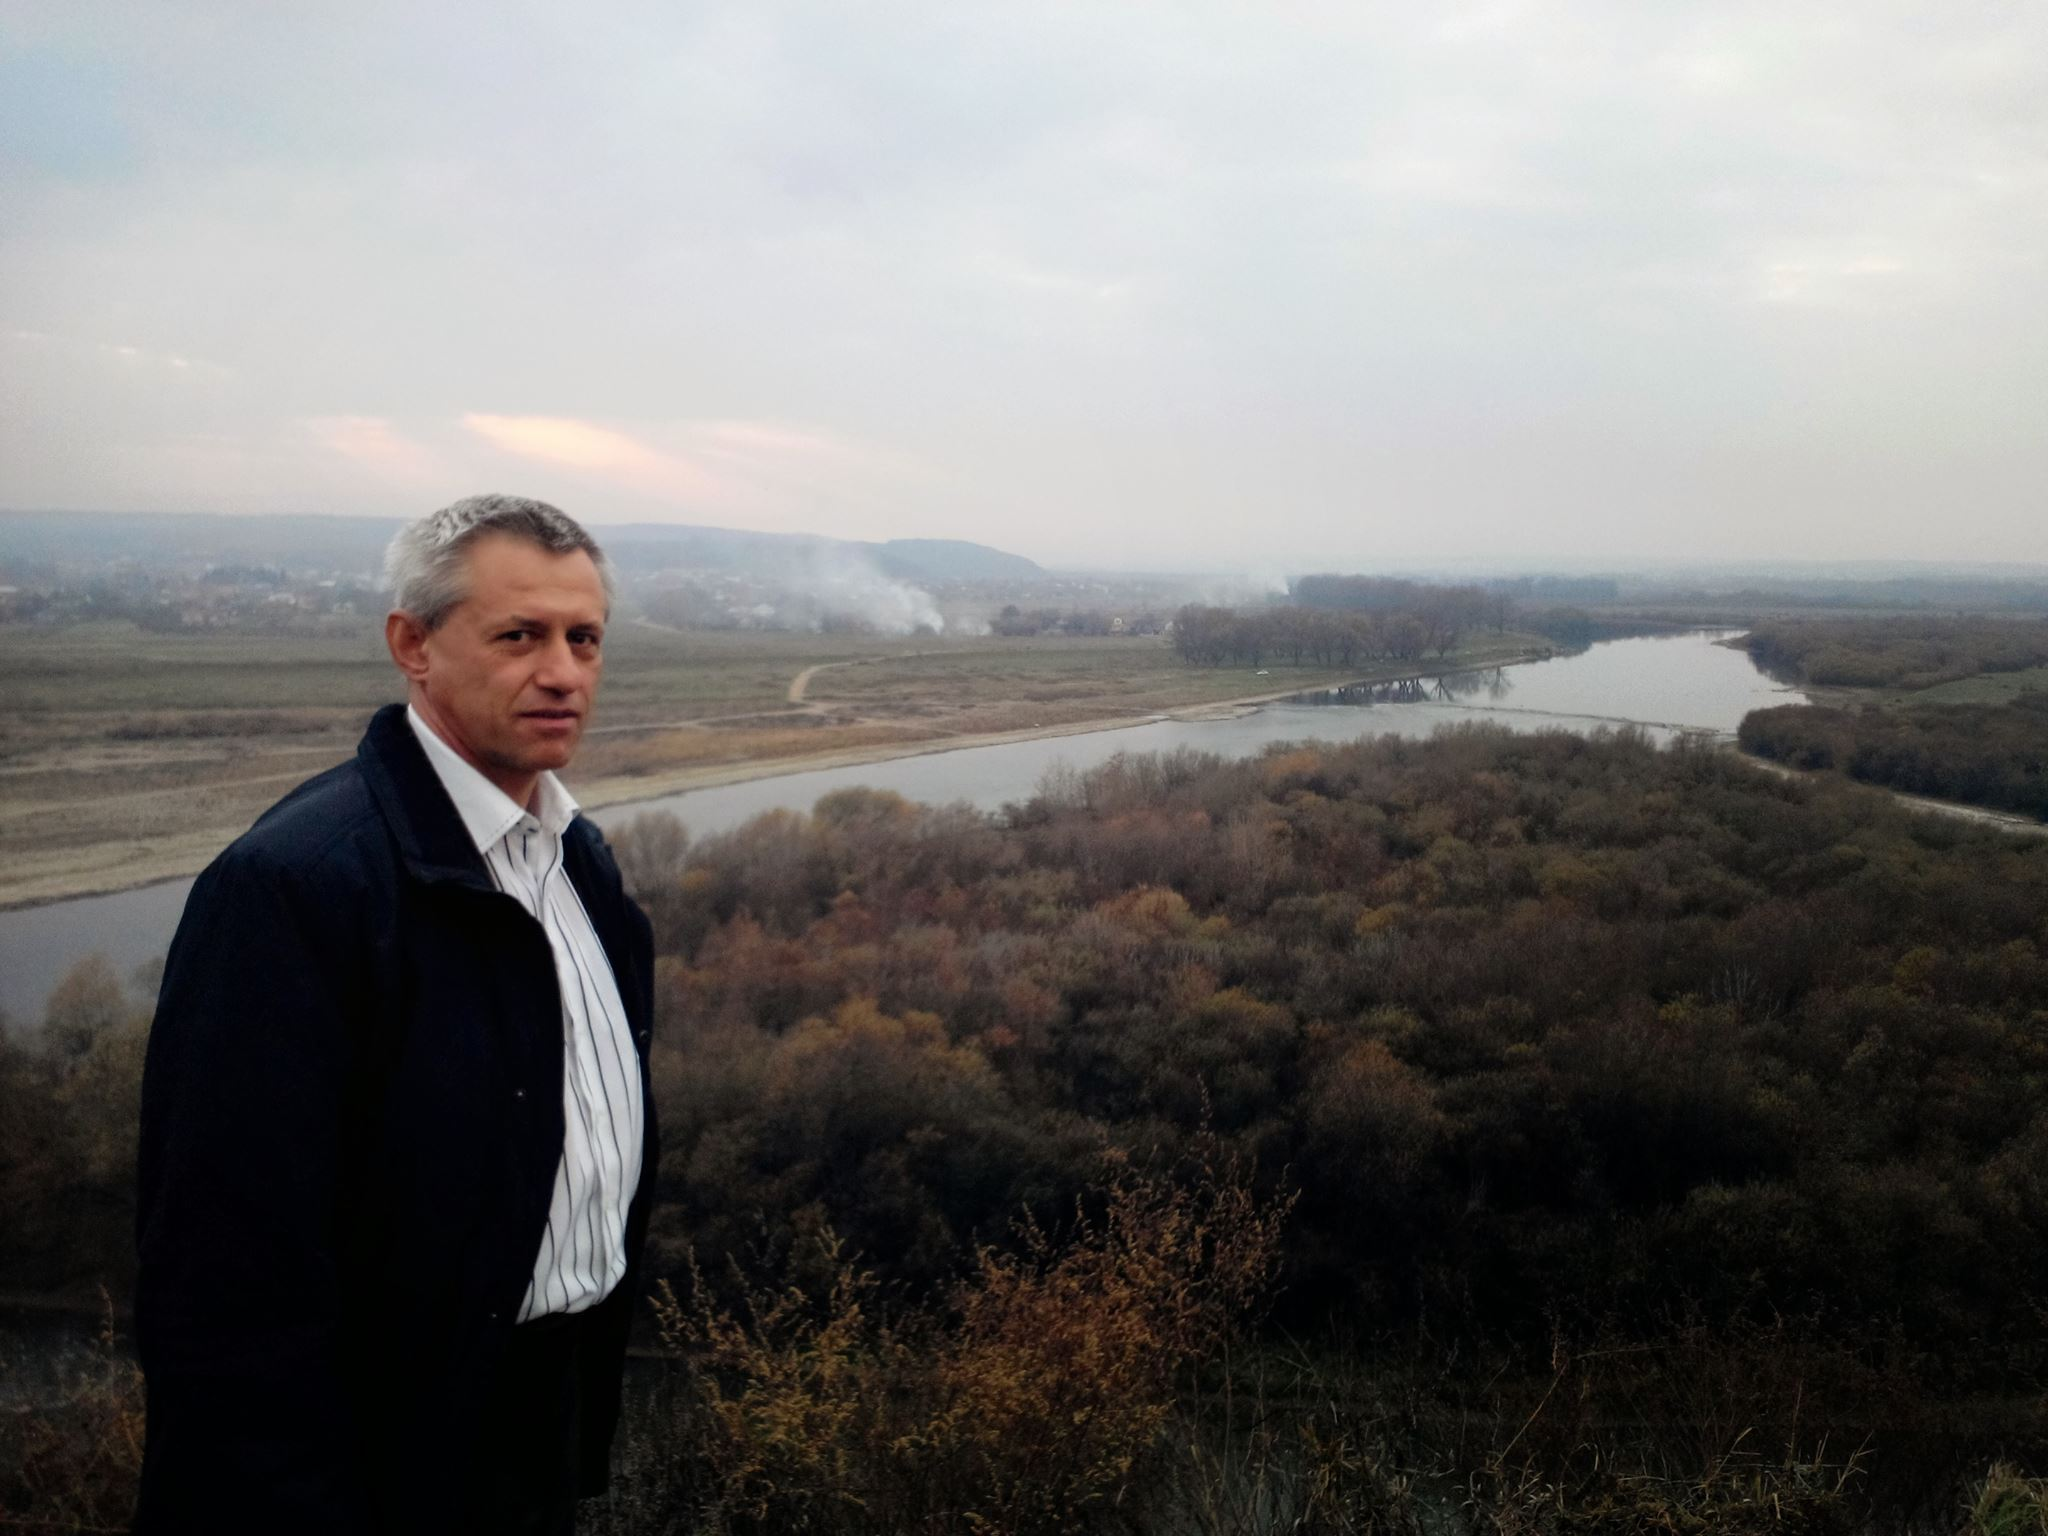 Від коронавірусу помер професор, завфкафедри франківського вишу Володимир Костишин